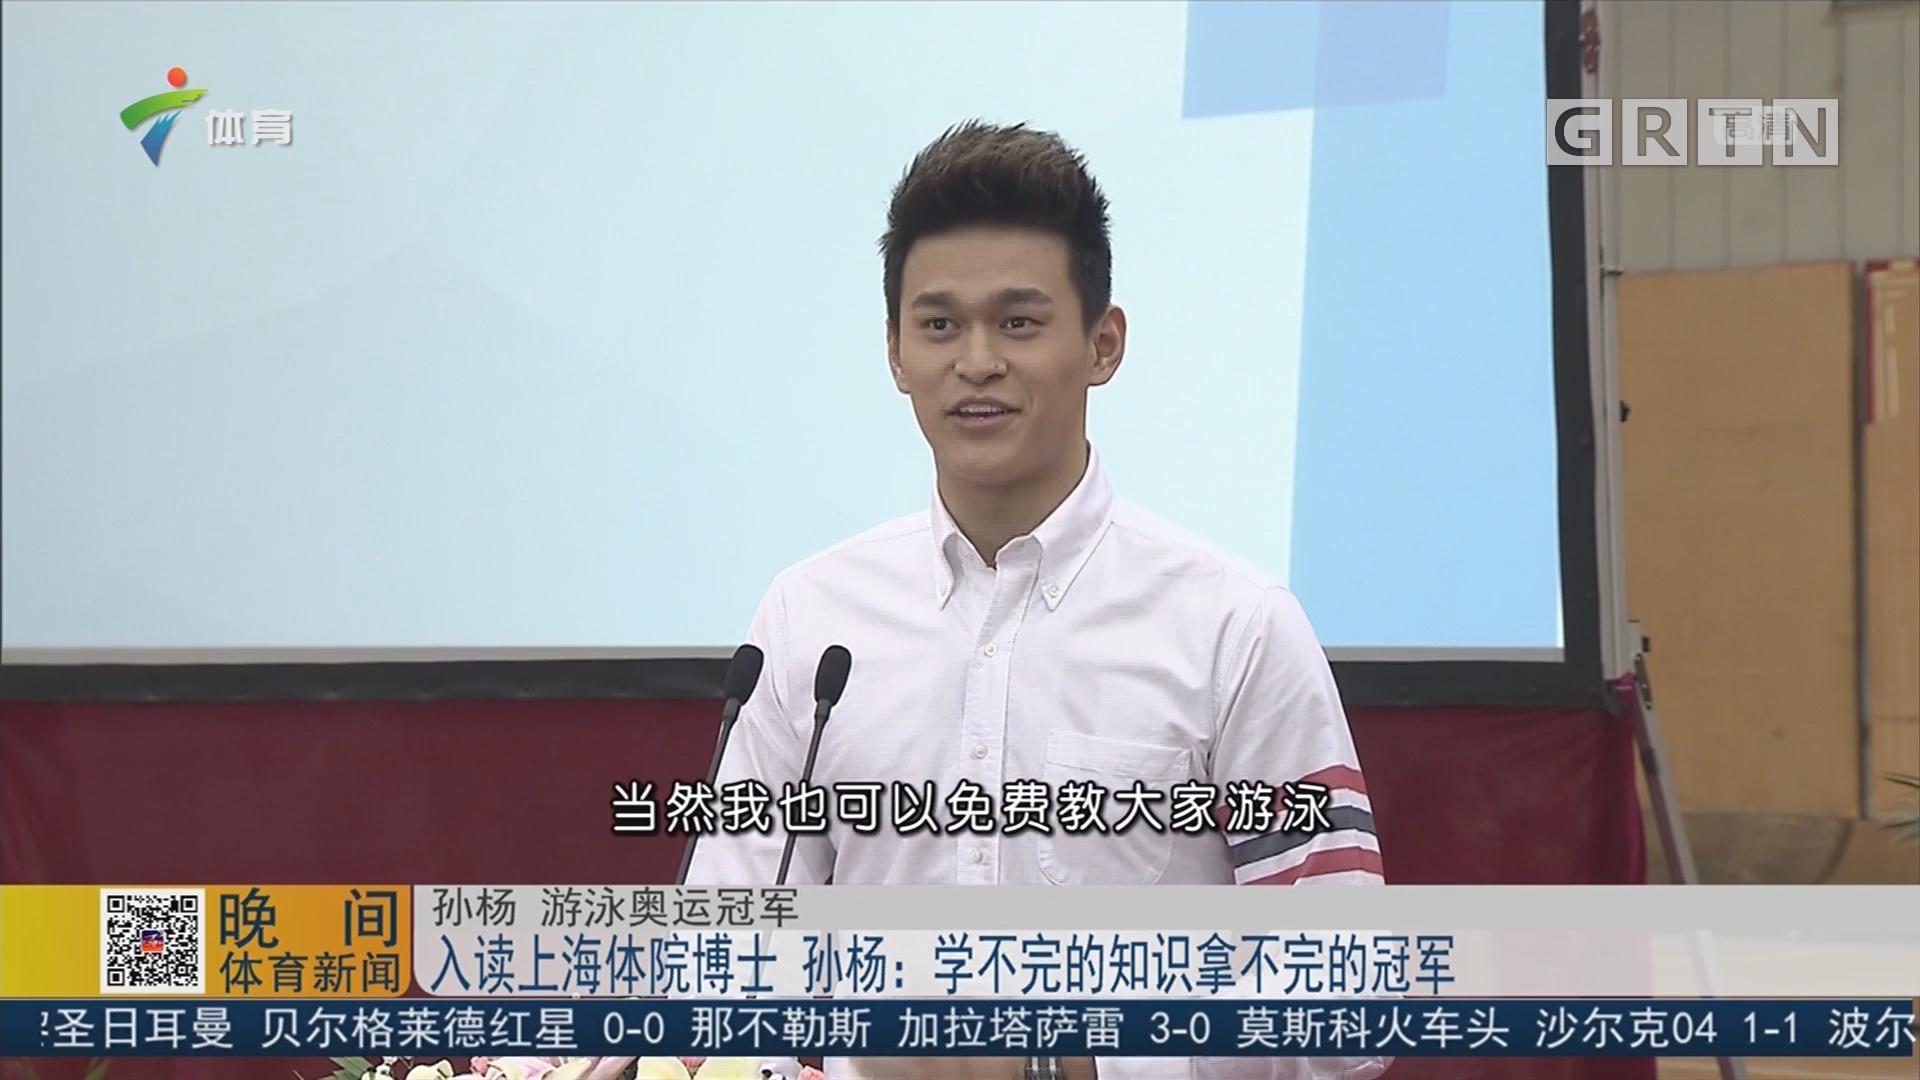 入读上海体院博士 孙杨:学不完的知识拿不完的冠军